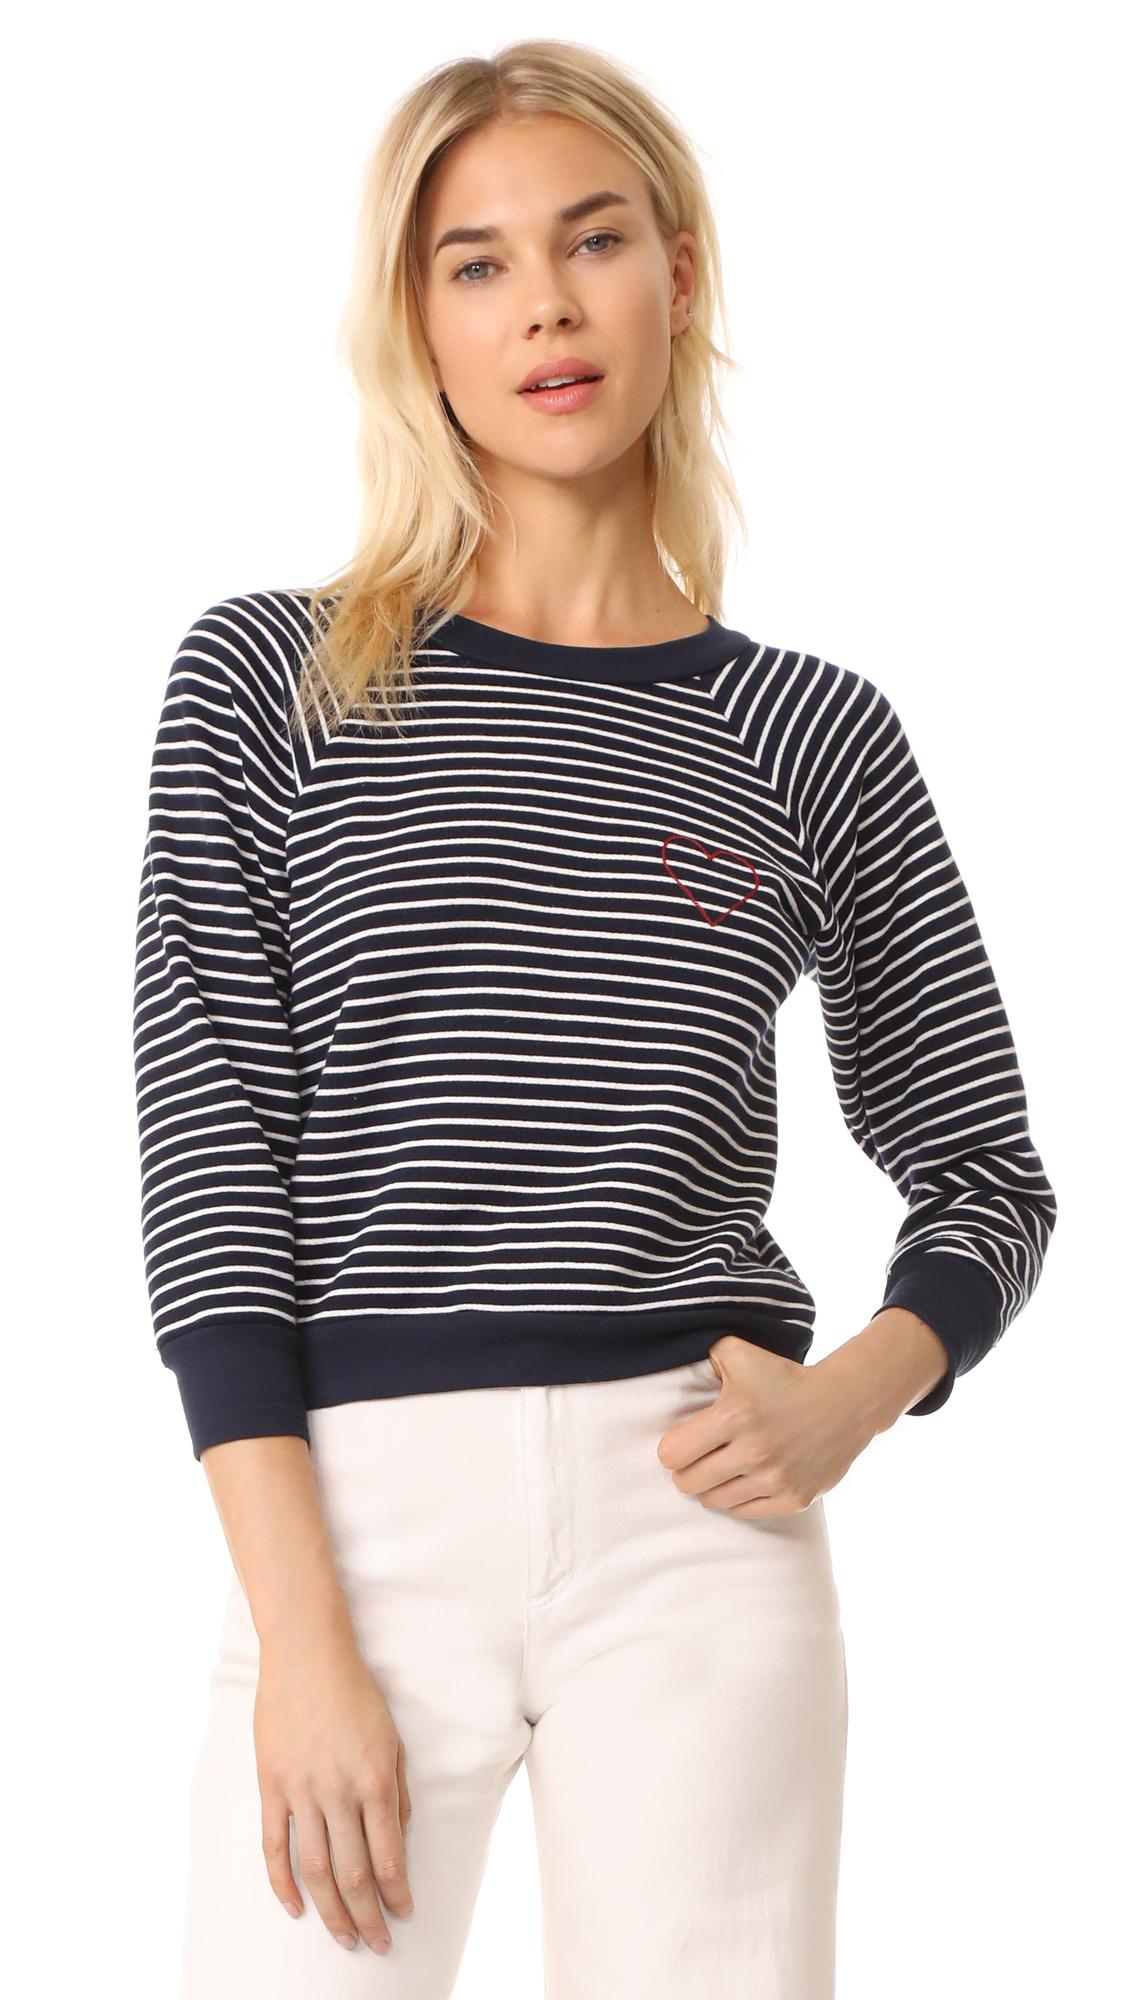 Loup Boy Sweatshirt - Stripe